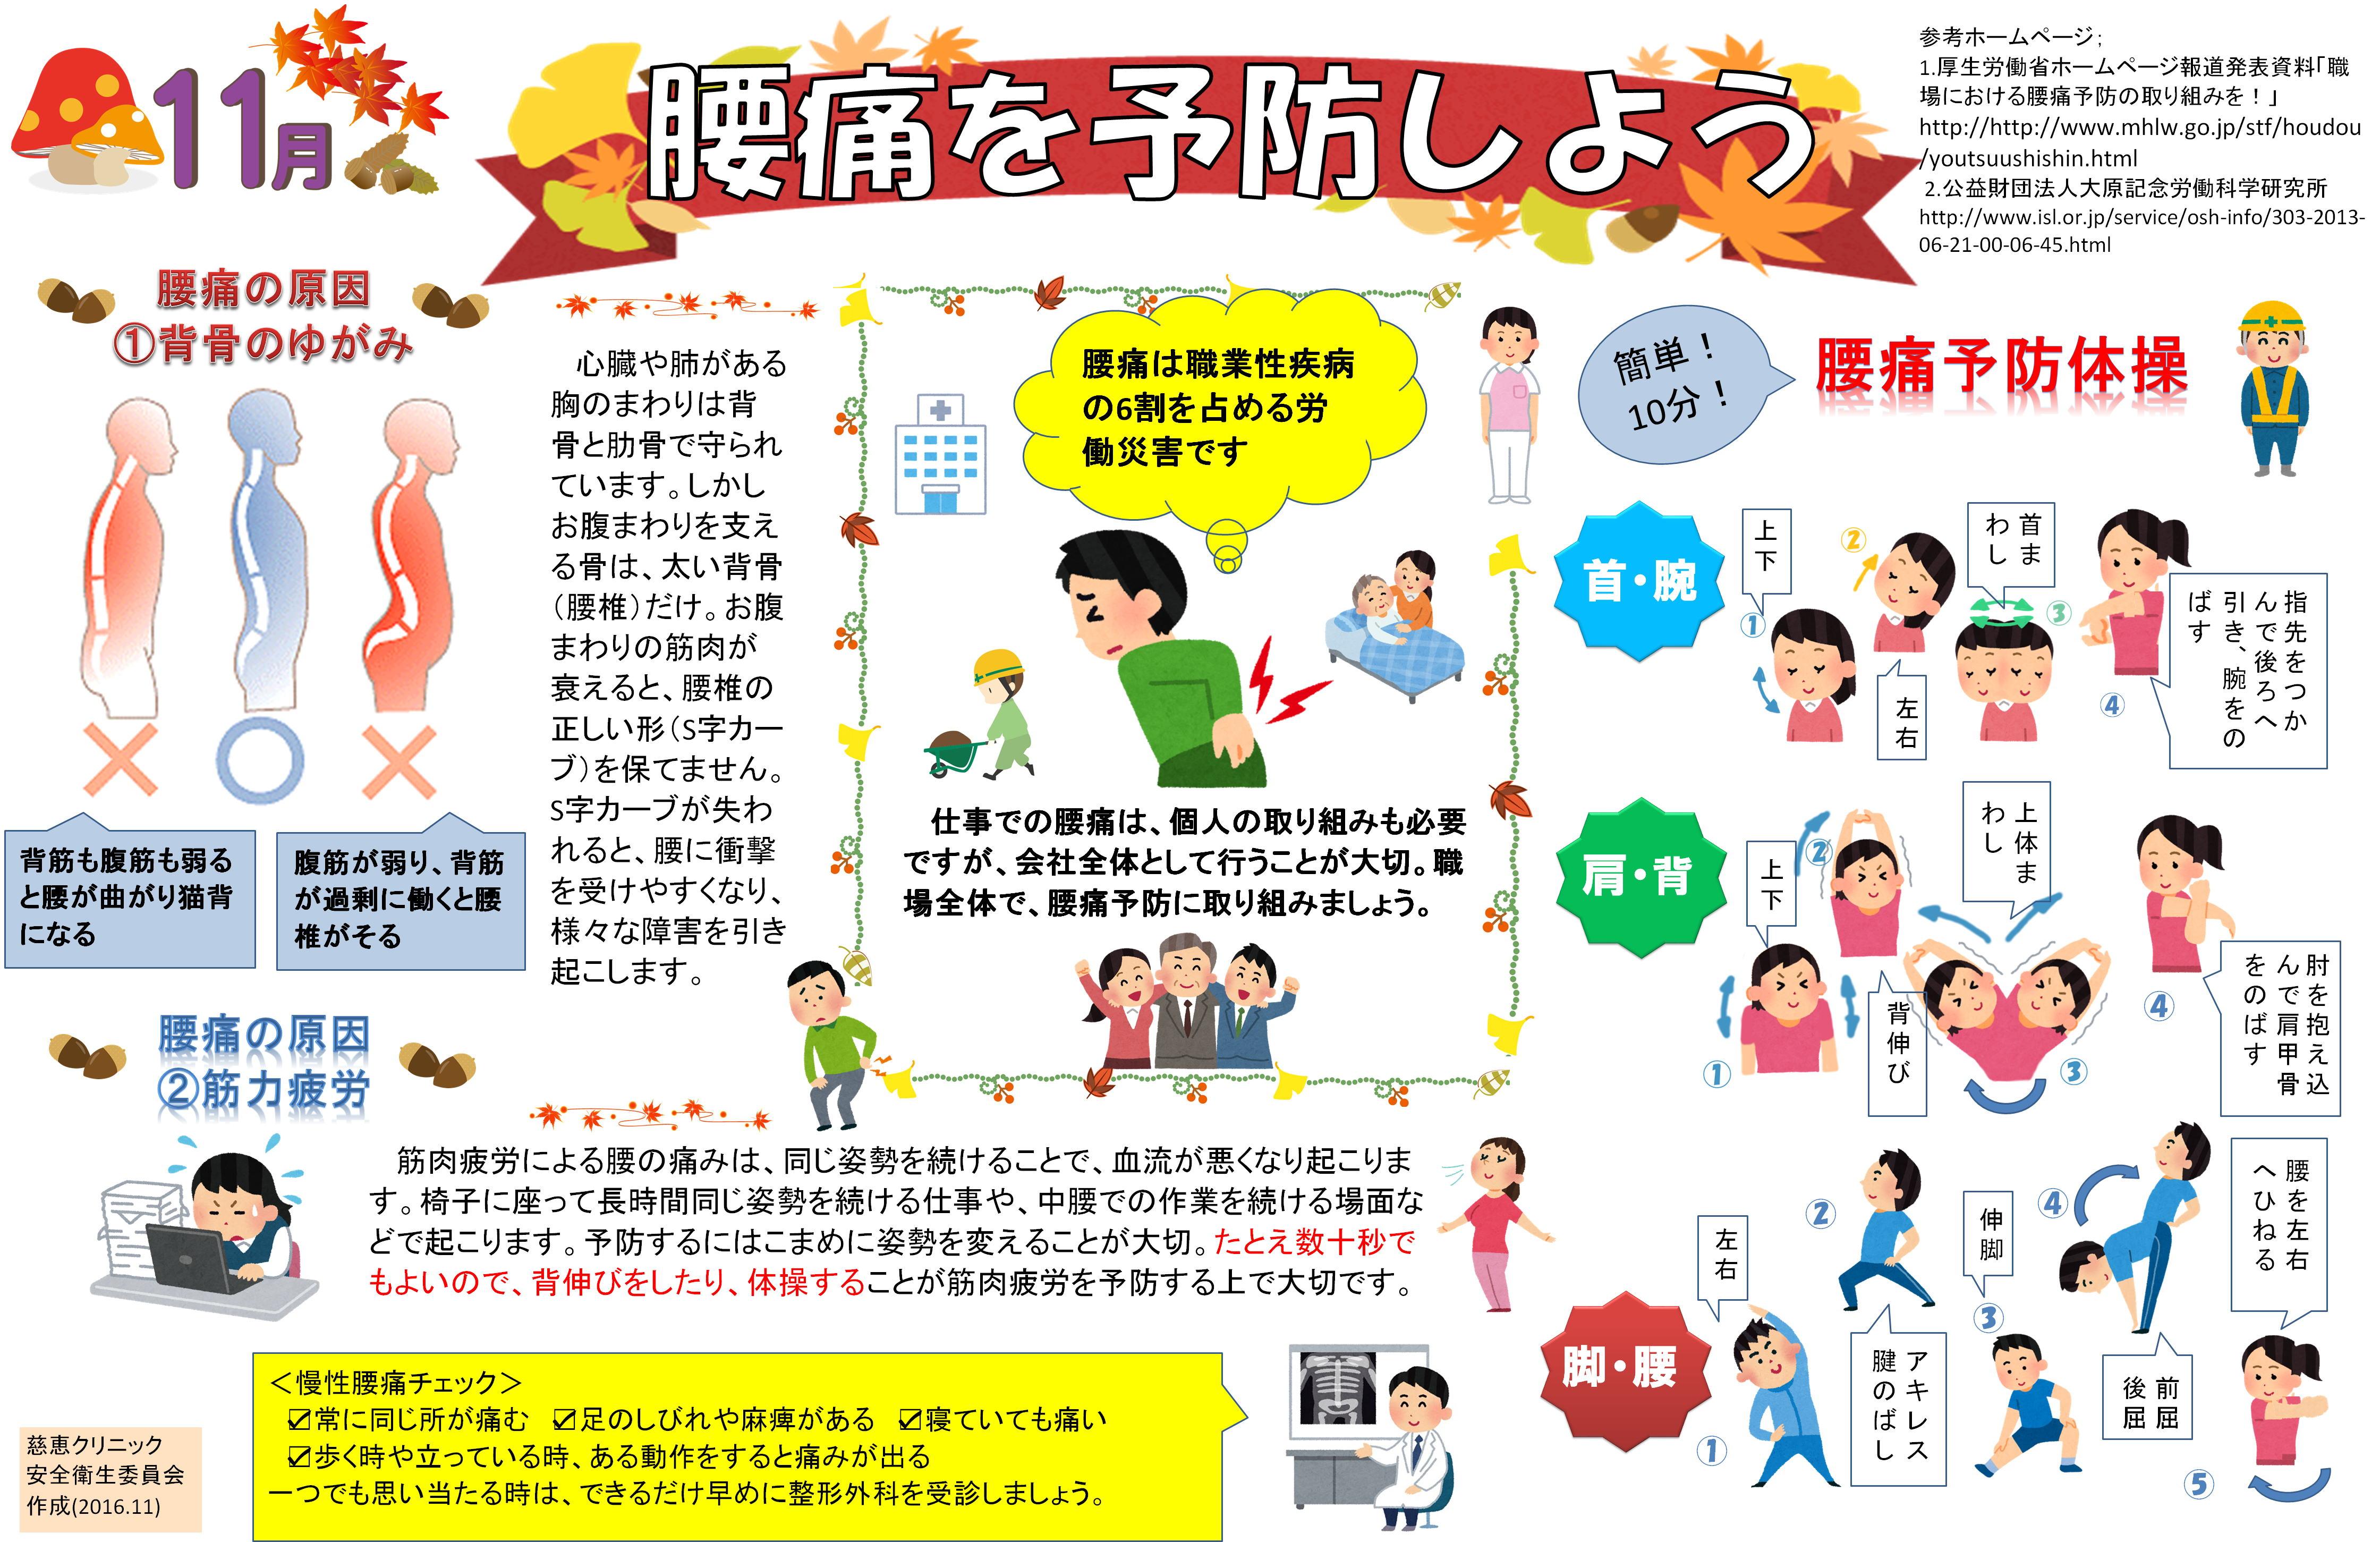 対策 腰痛 職場 における 指針 予防